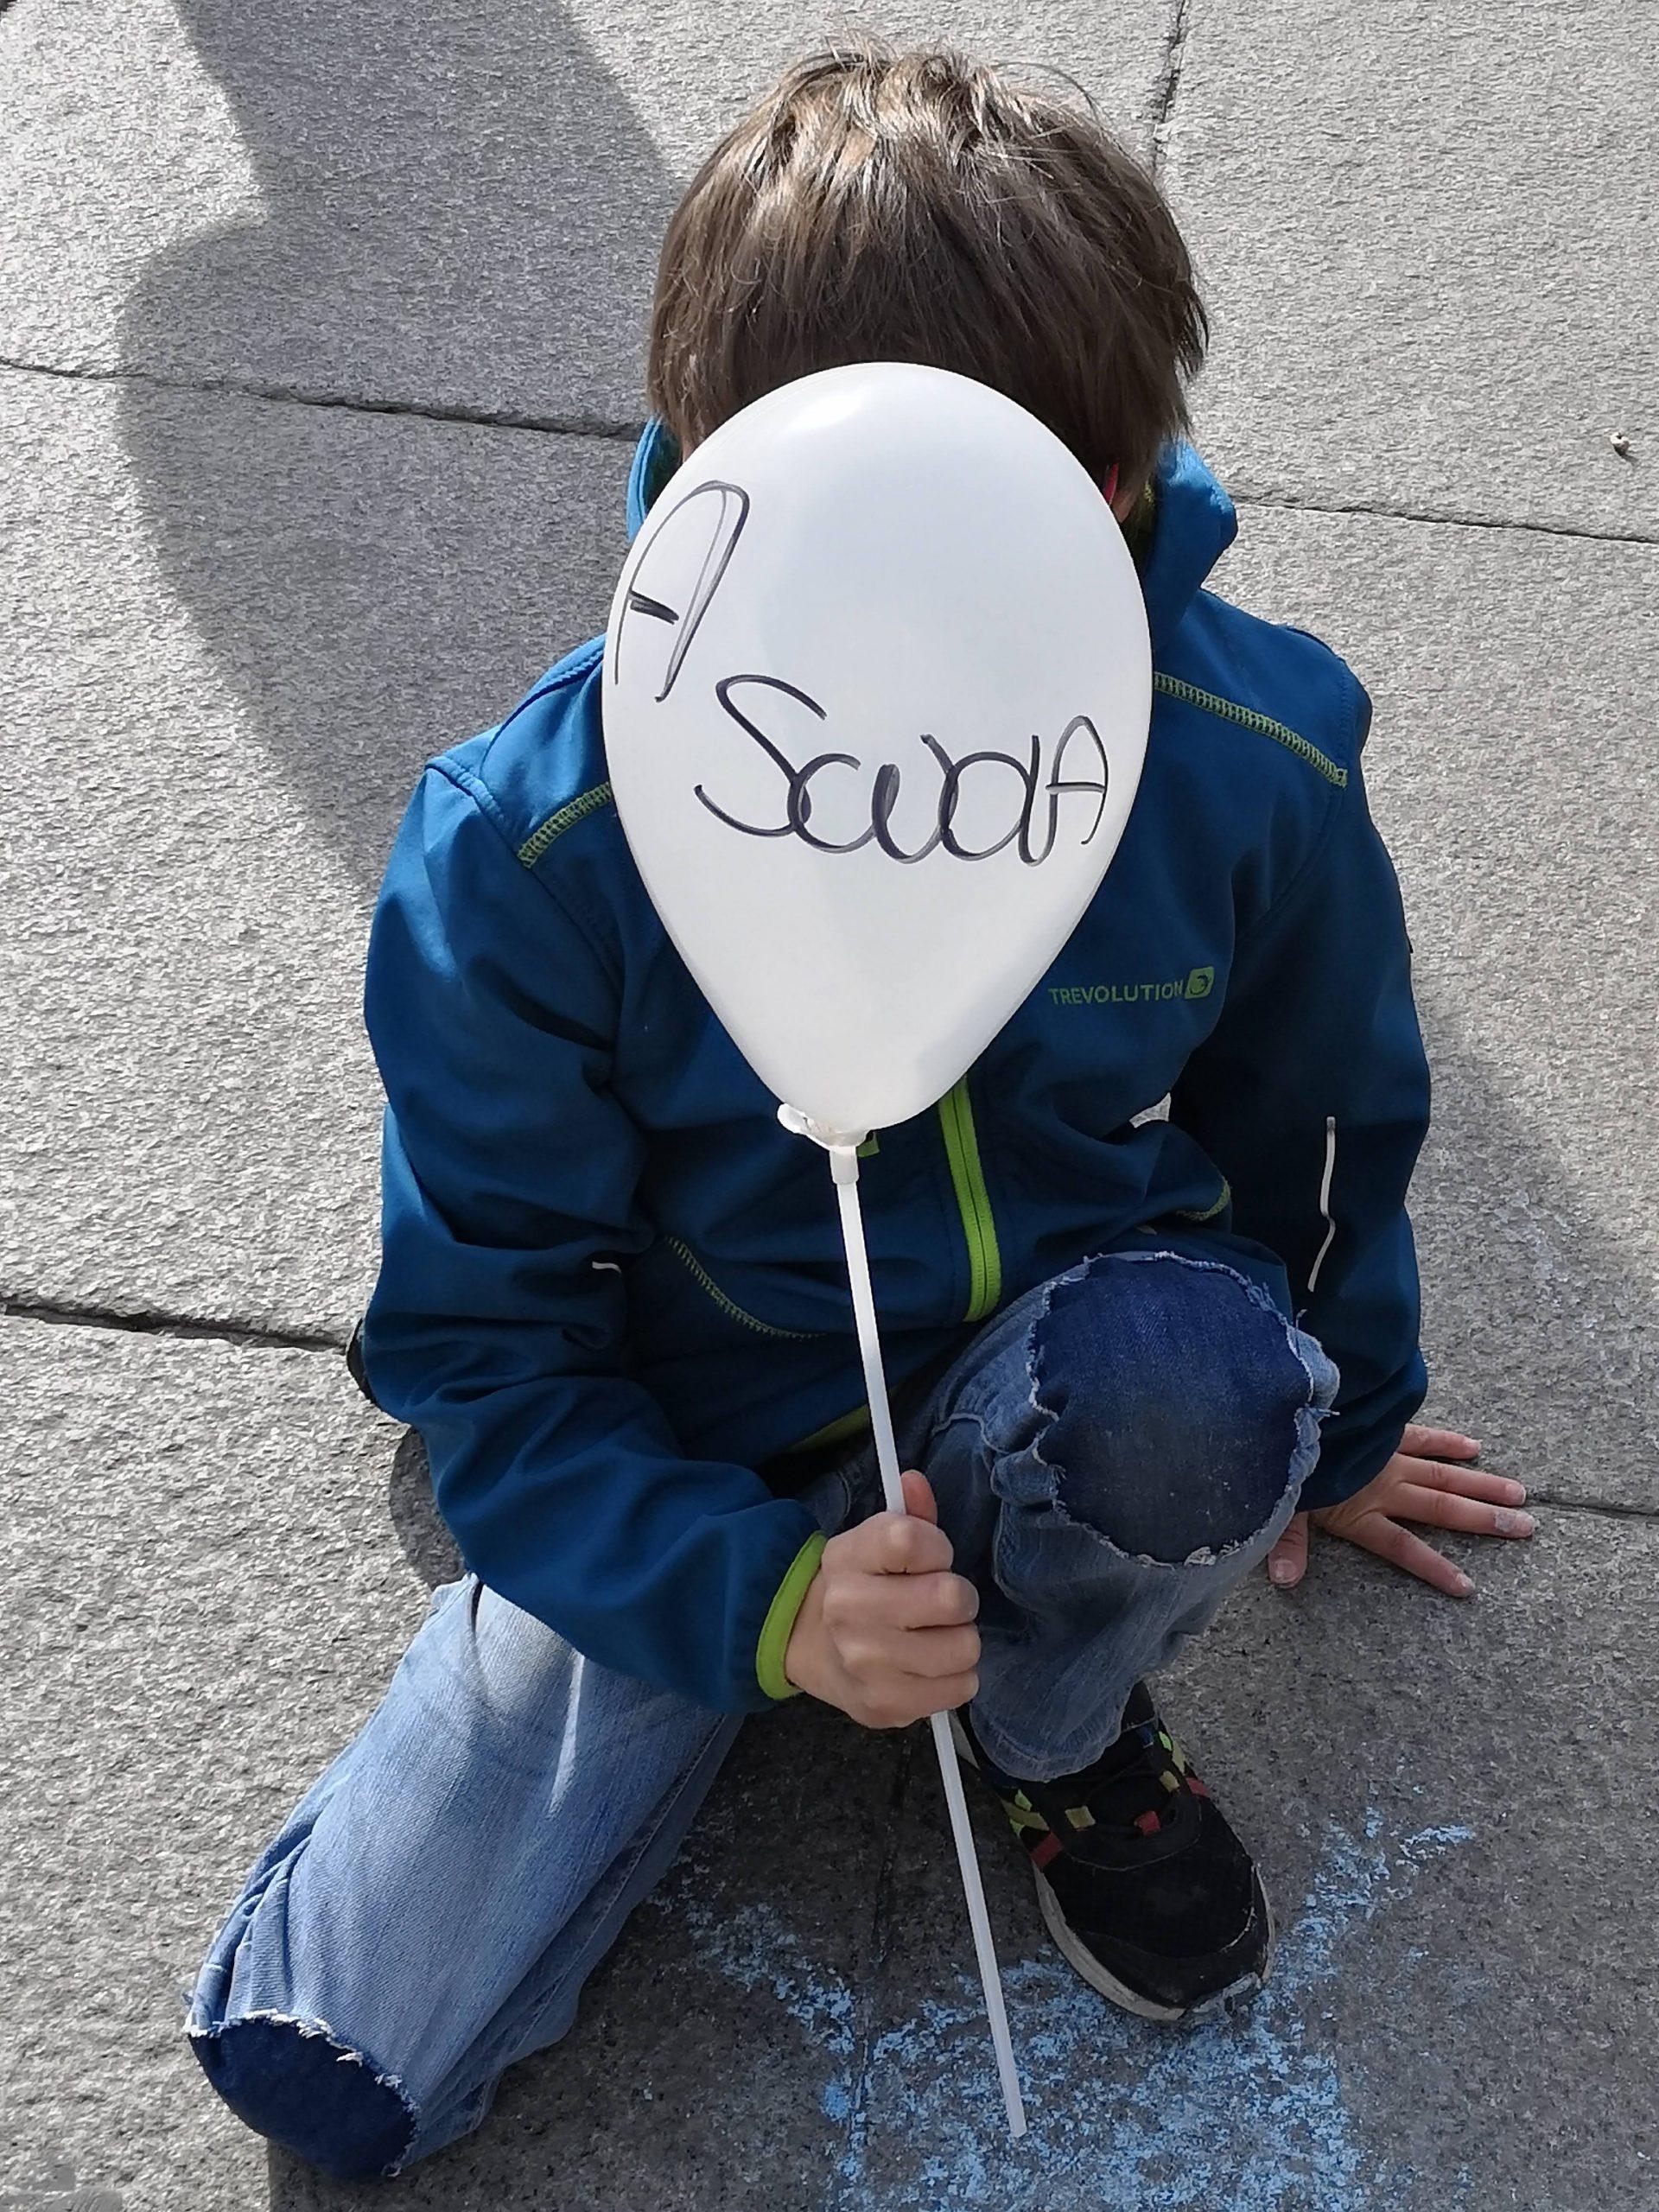 Manifestazione A scuola! bambino con palloncino